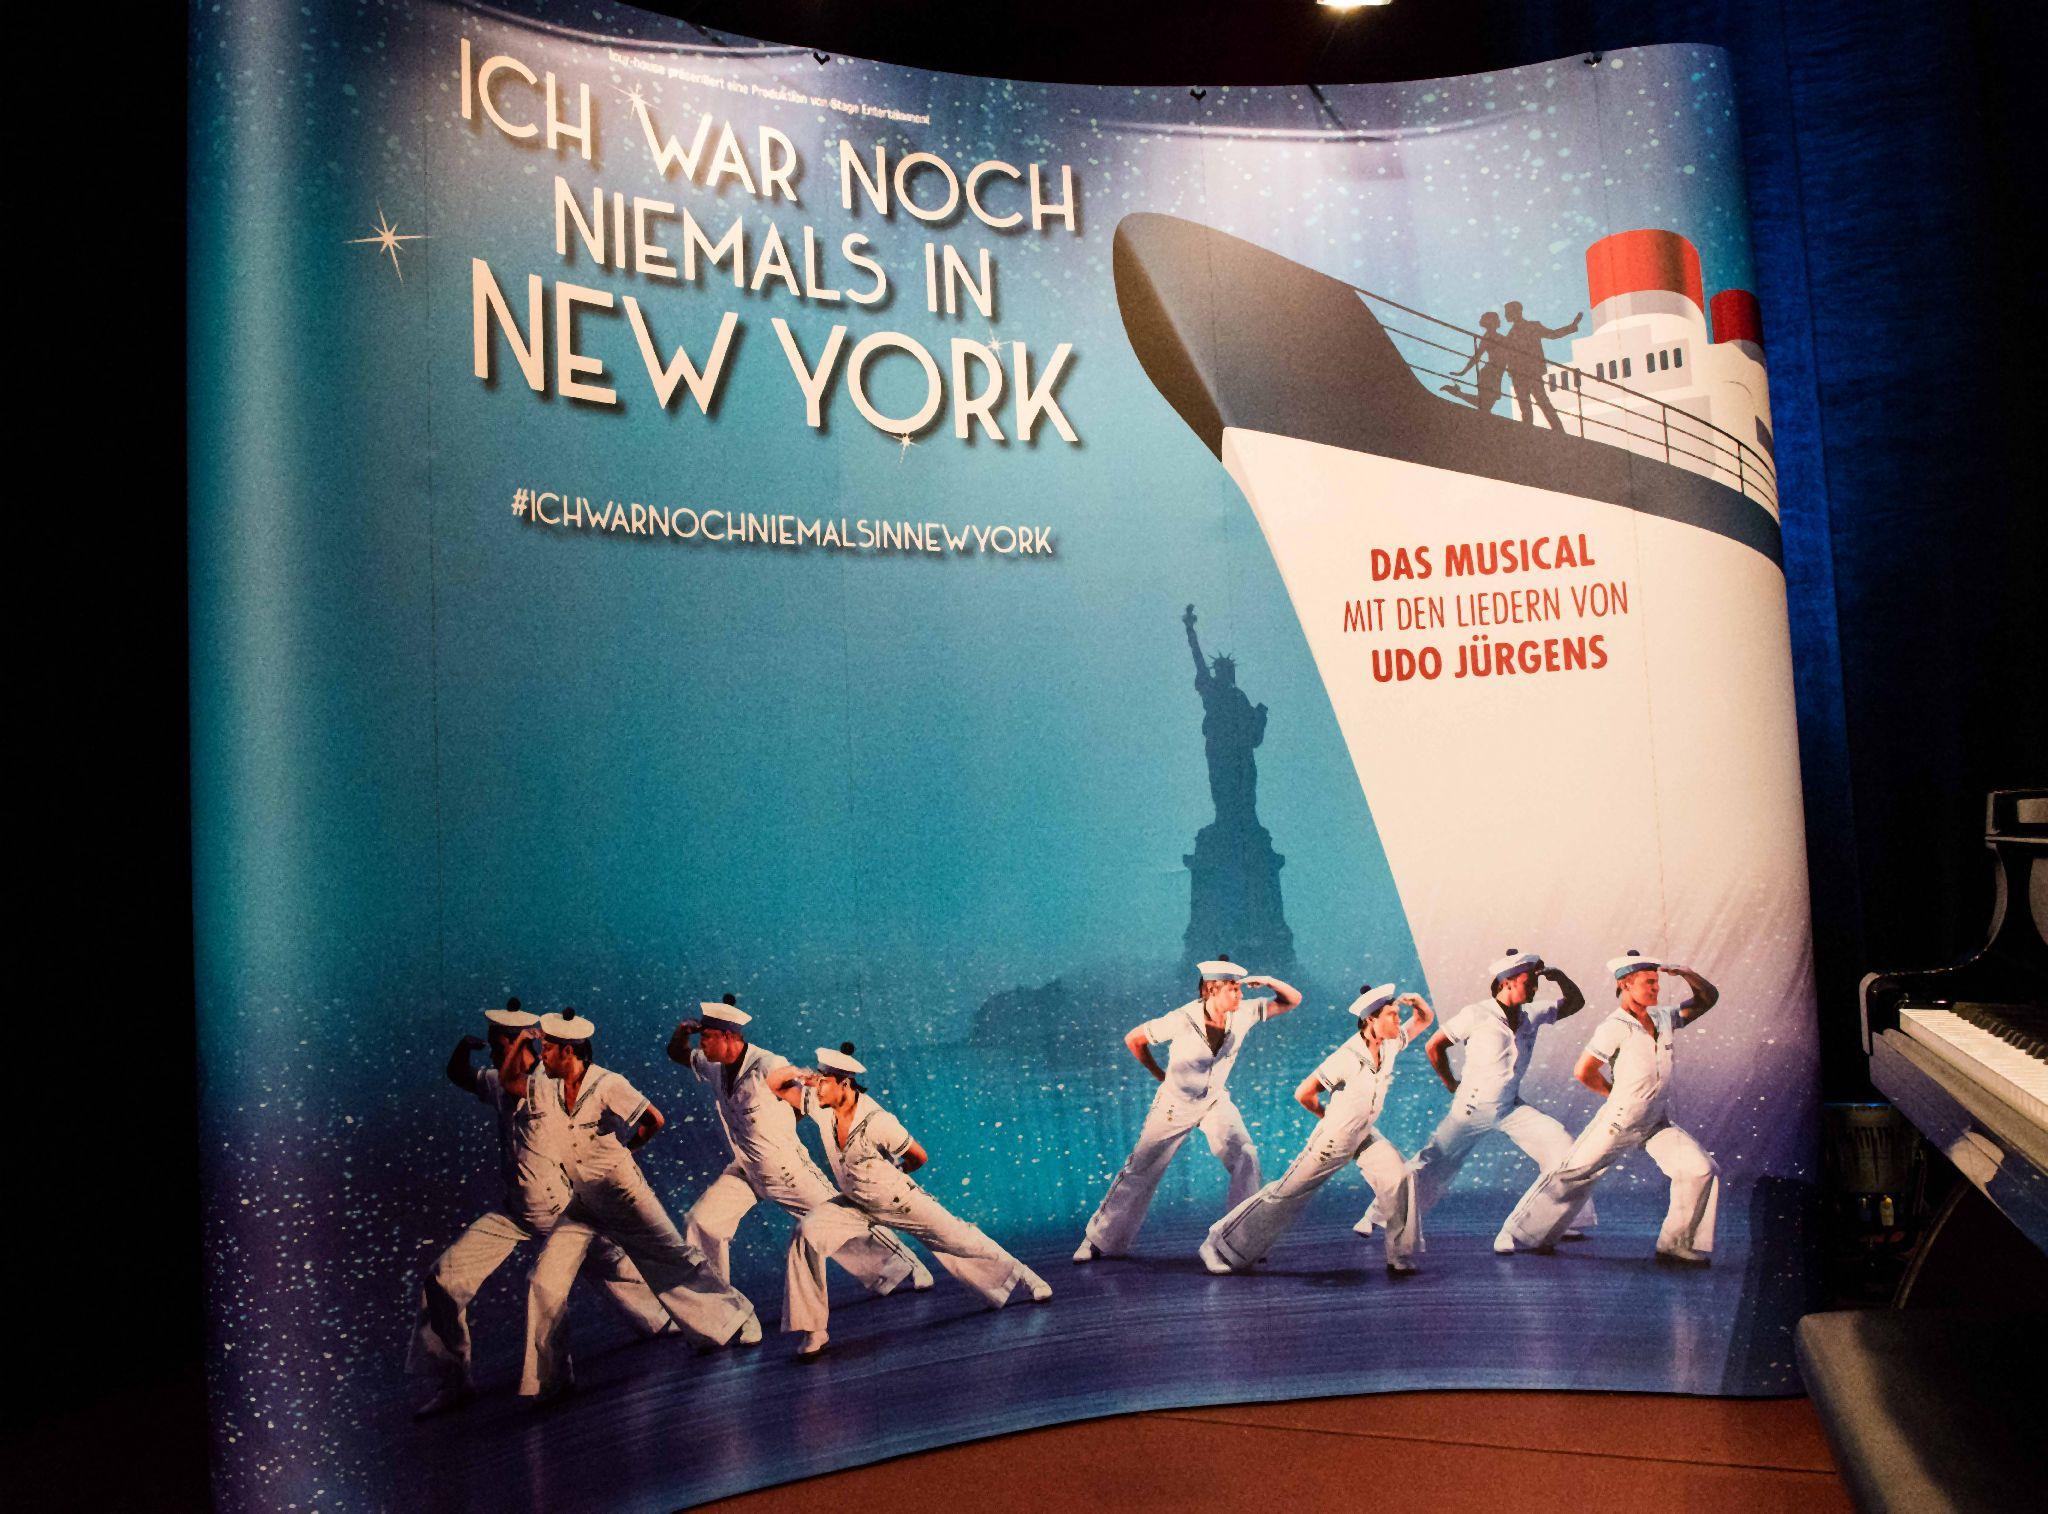 Stage Entertainment Sucht Standort Für Musicaltheater In Frankfurt